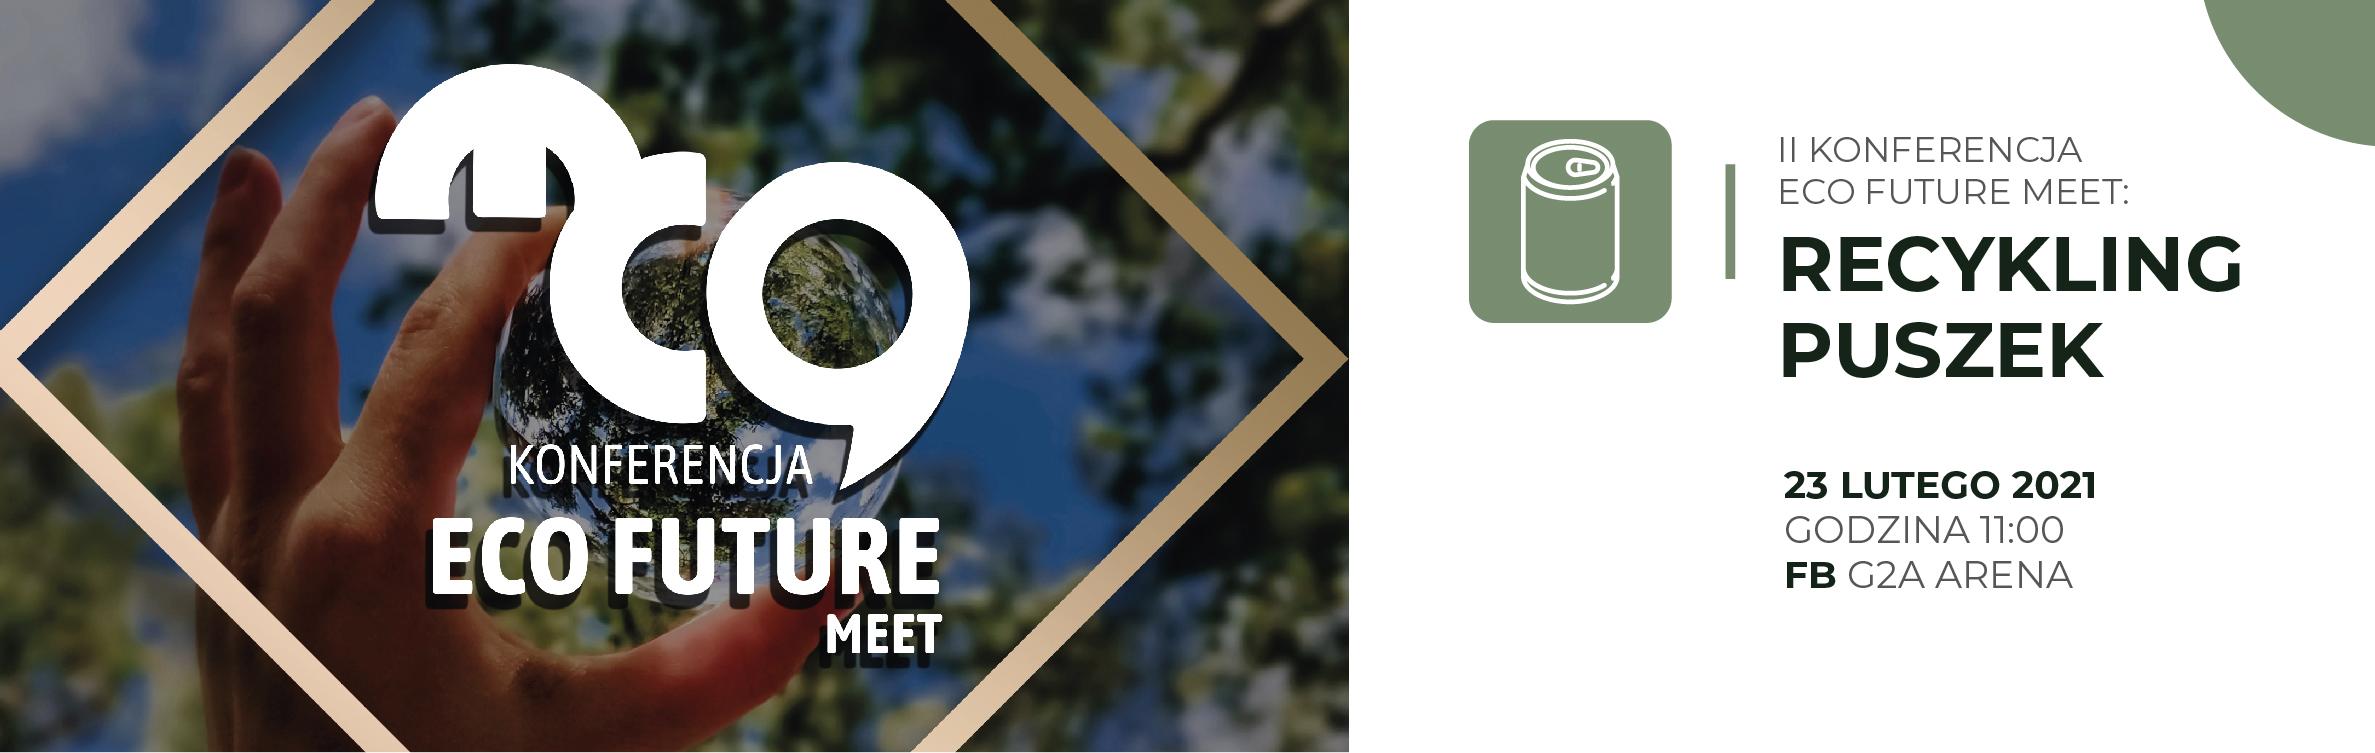 III Konferencja Eco Future Meet: Kalejdoskop Zielonych Certyfikacji